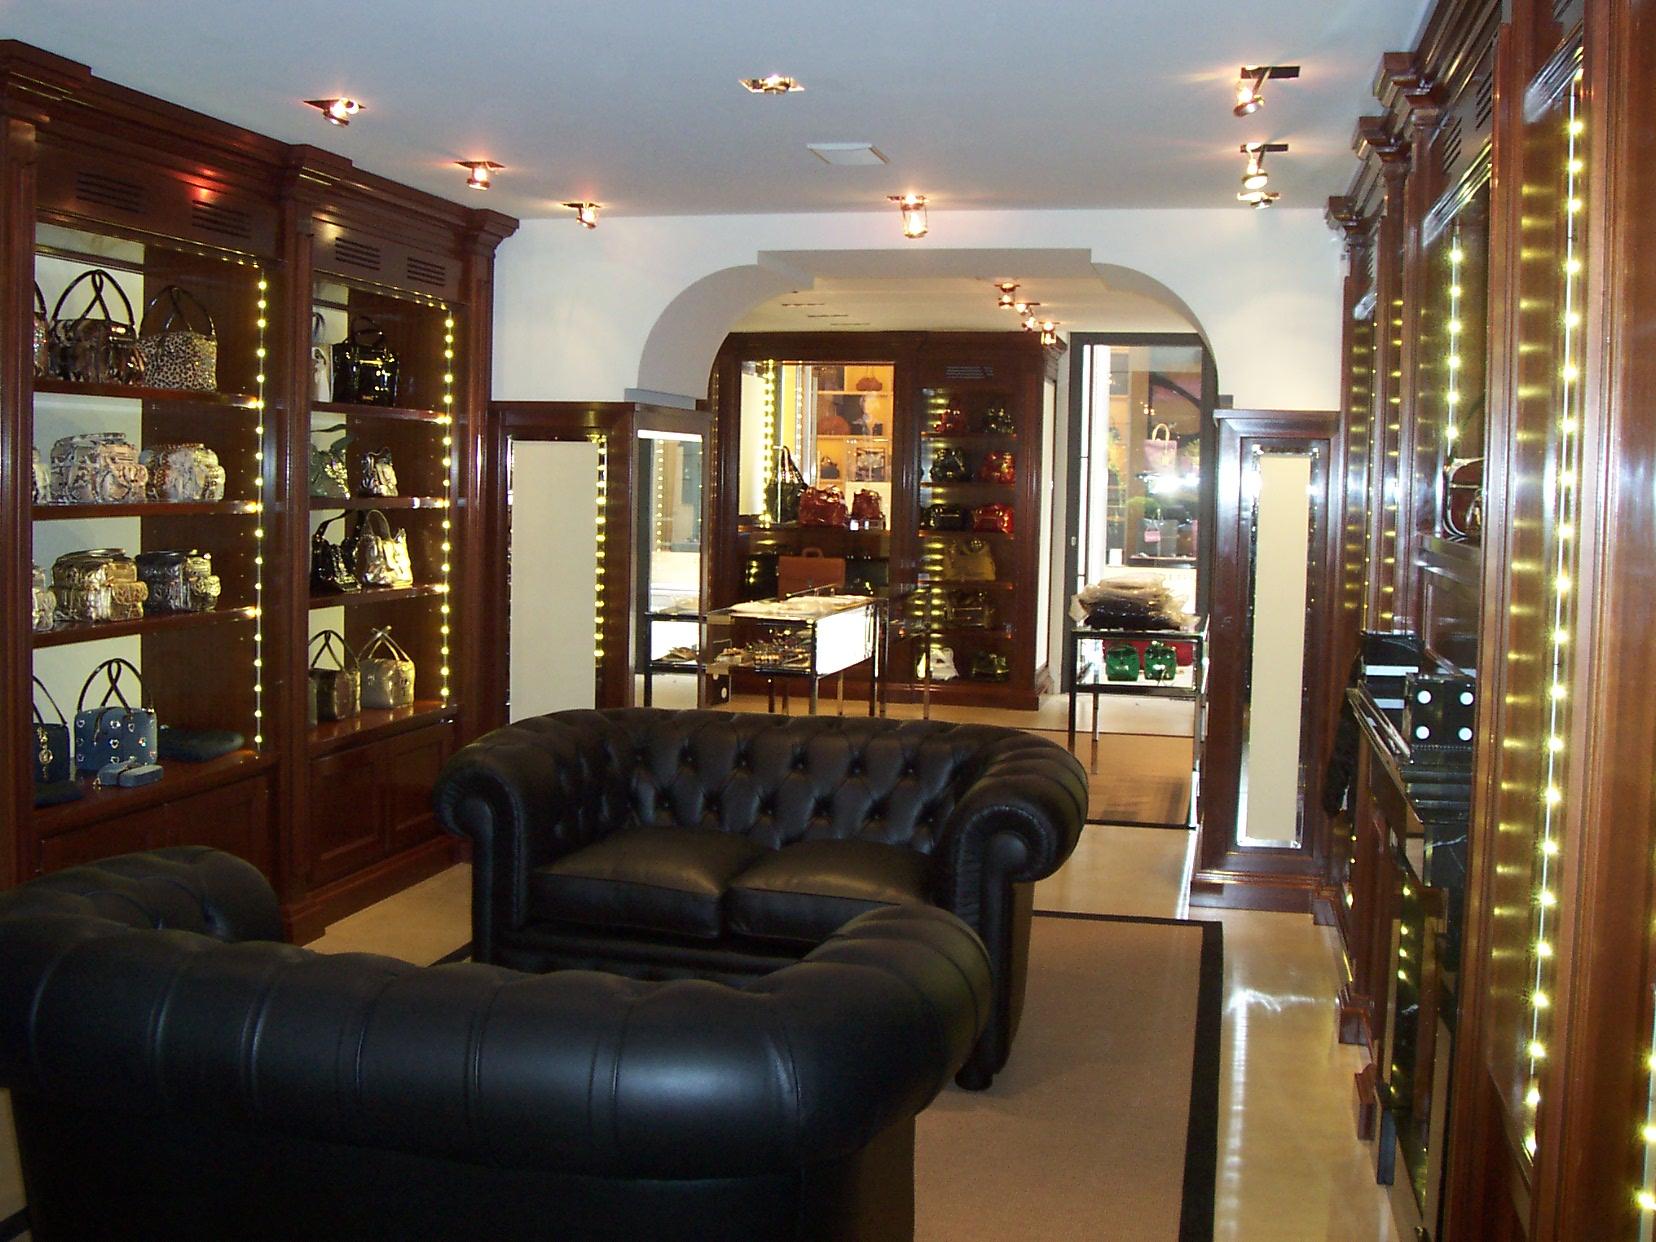 Arredamento per negozio in legno fadini mobili cerea verona for Arredamenti a verona